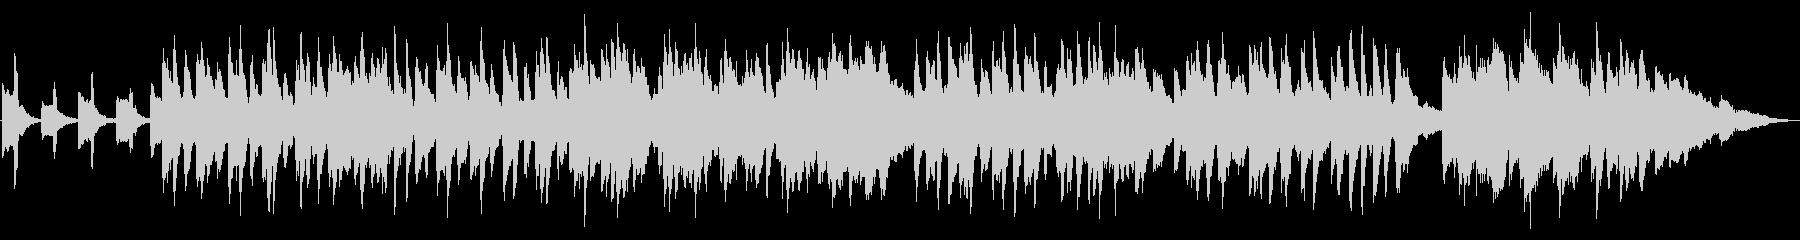 怪しい夜のハロウィンパーティのピアノ曲の未再生の波形